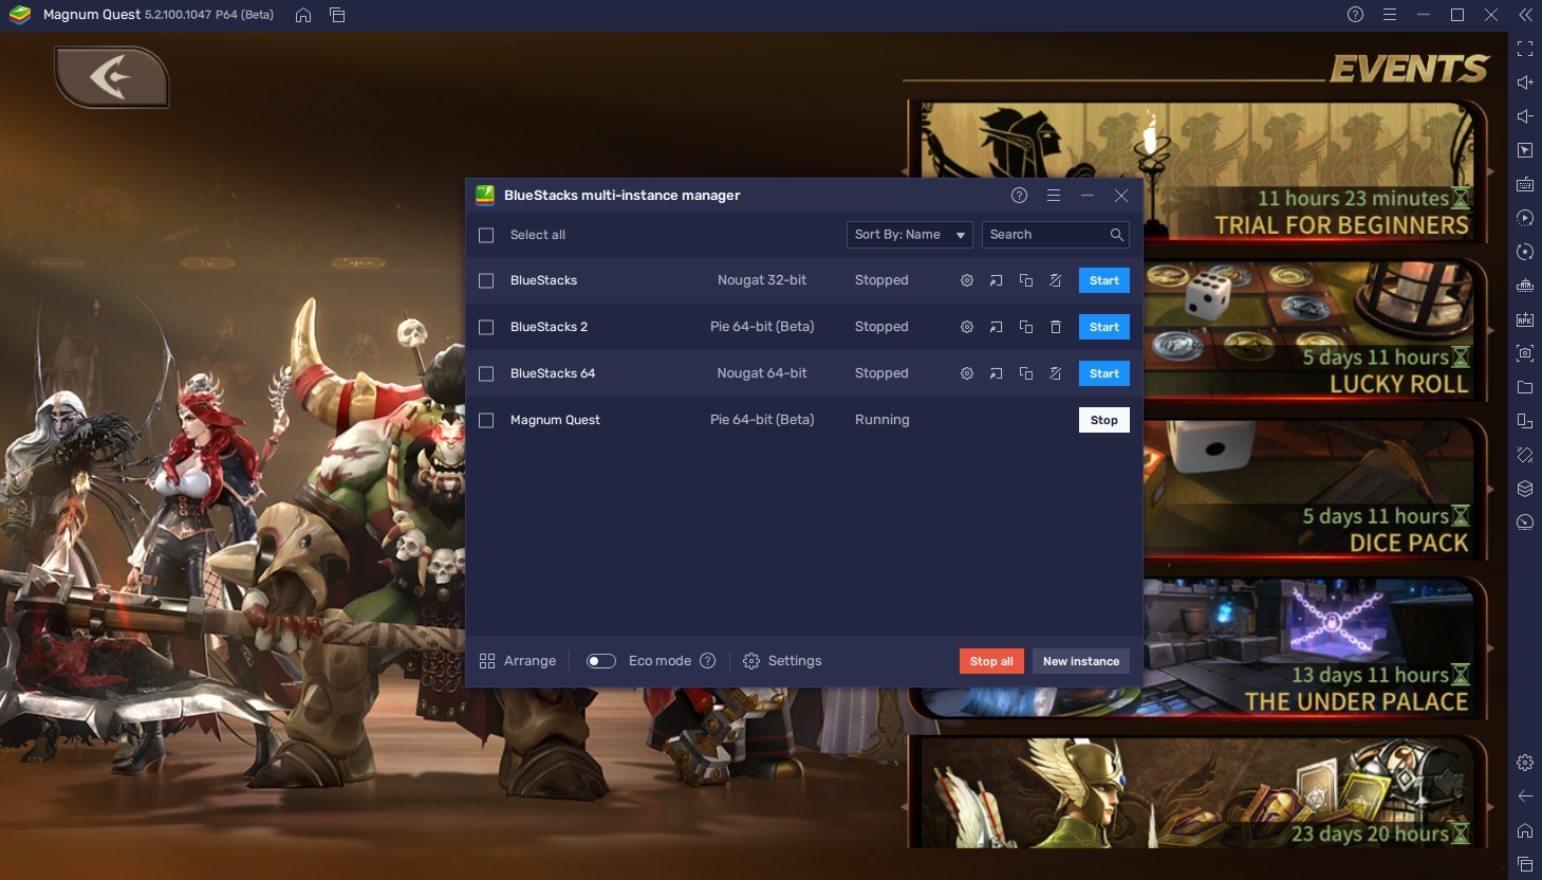 كيف تلعب لعبة  Magnum Quest على جهاز الكمبيوتر باستخدام BlueStacks